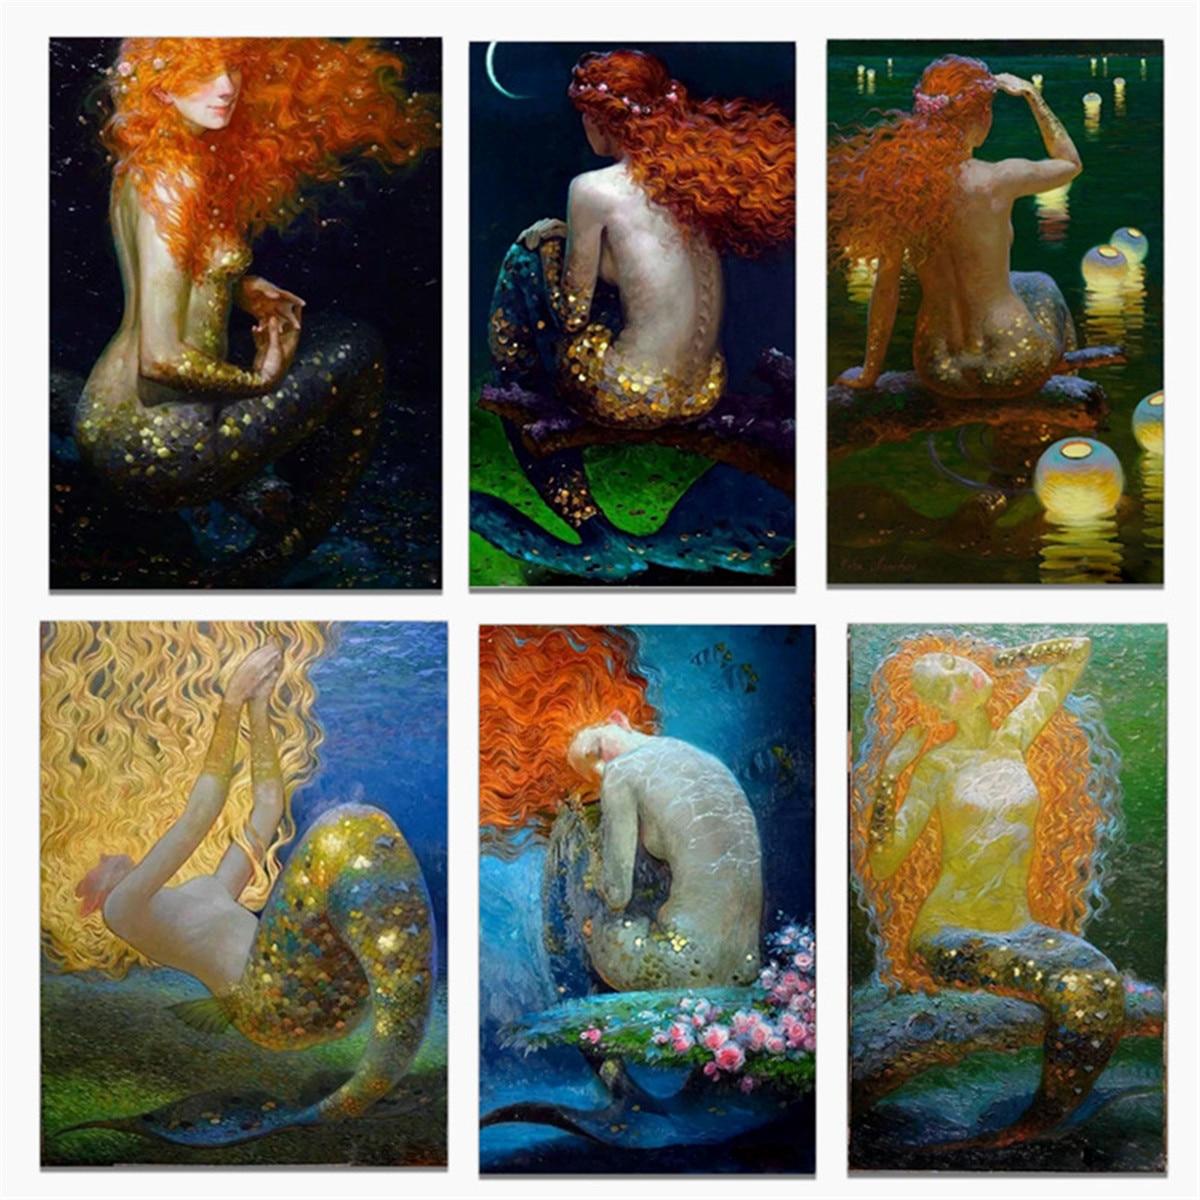 Русалка различные позы холст художественный плакат печать Настенная картина гостиная домашний Декор без рамки